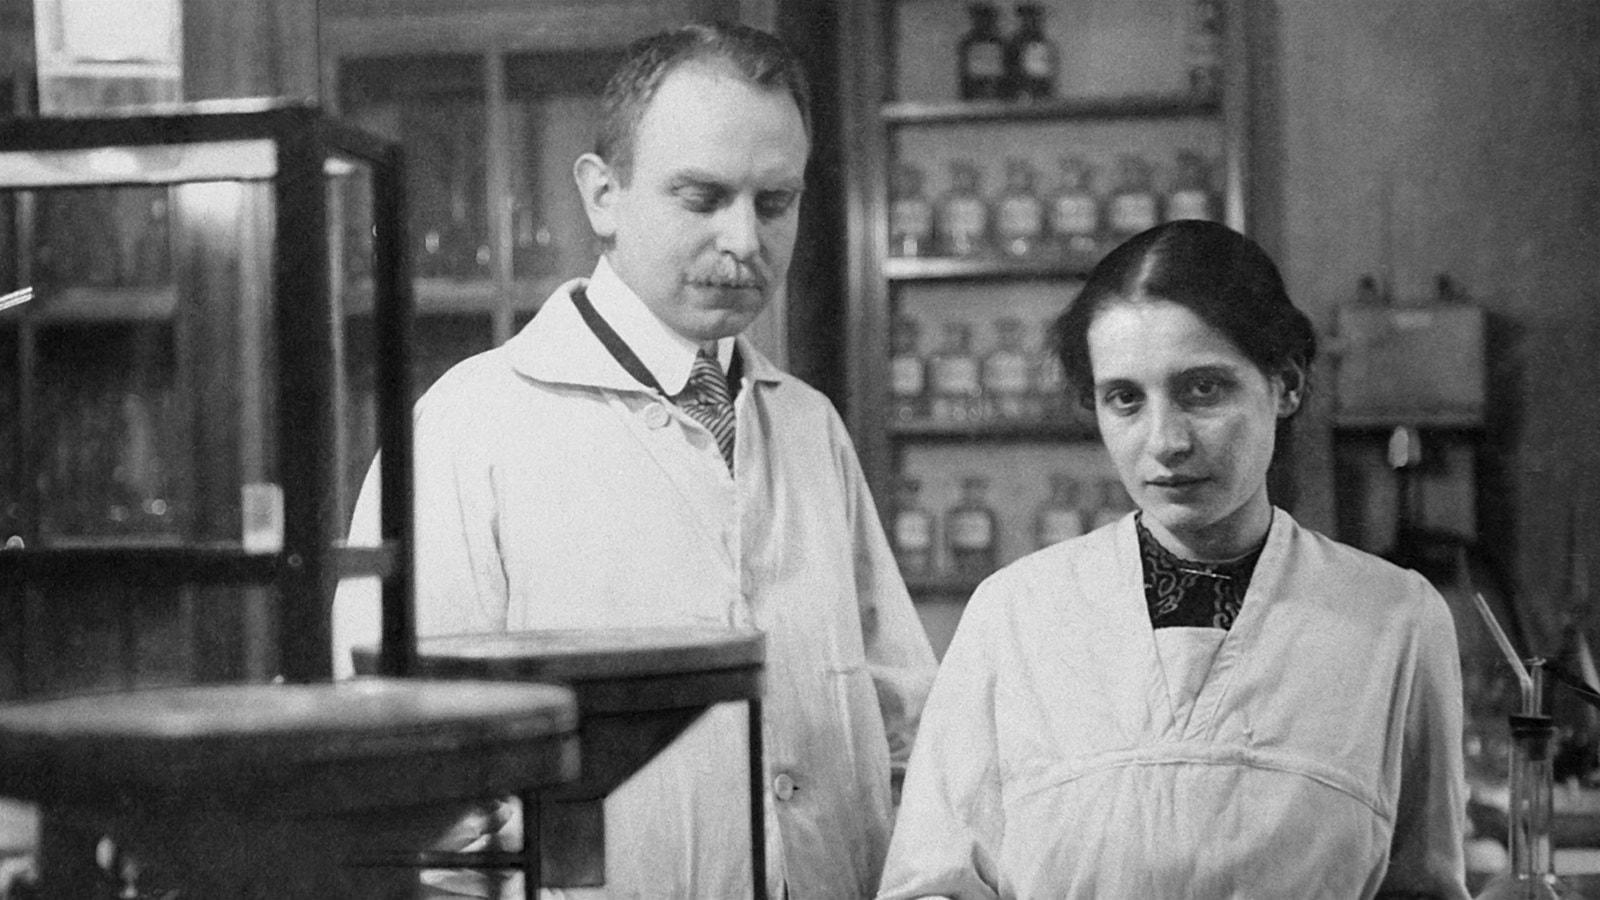 Del 2: Kvinnorna som blåstes på Nobelpriset - Lise Meitner